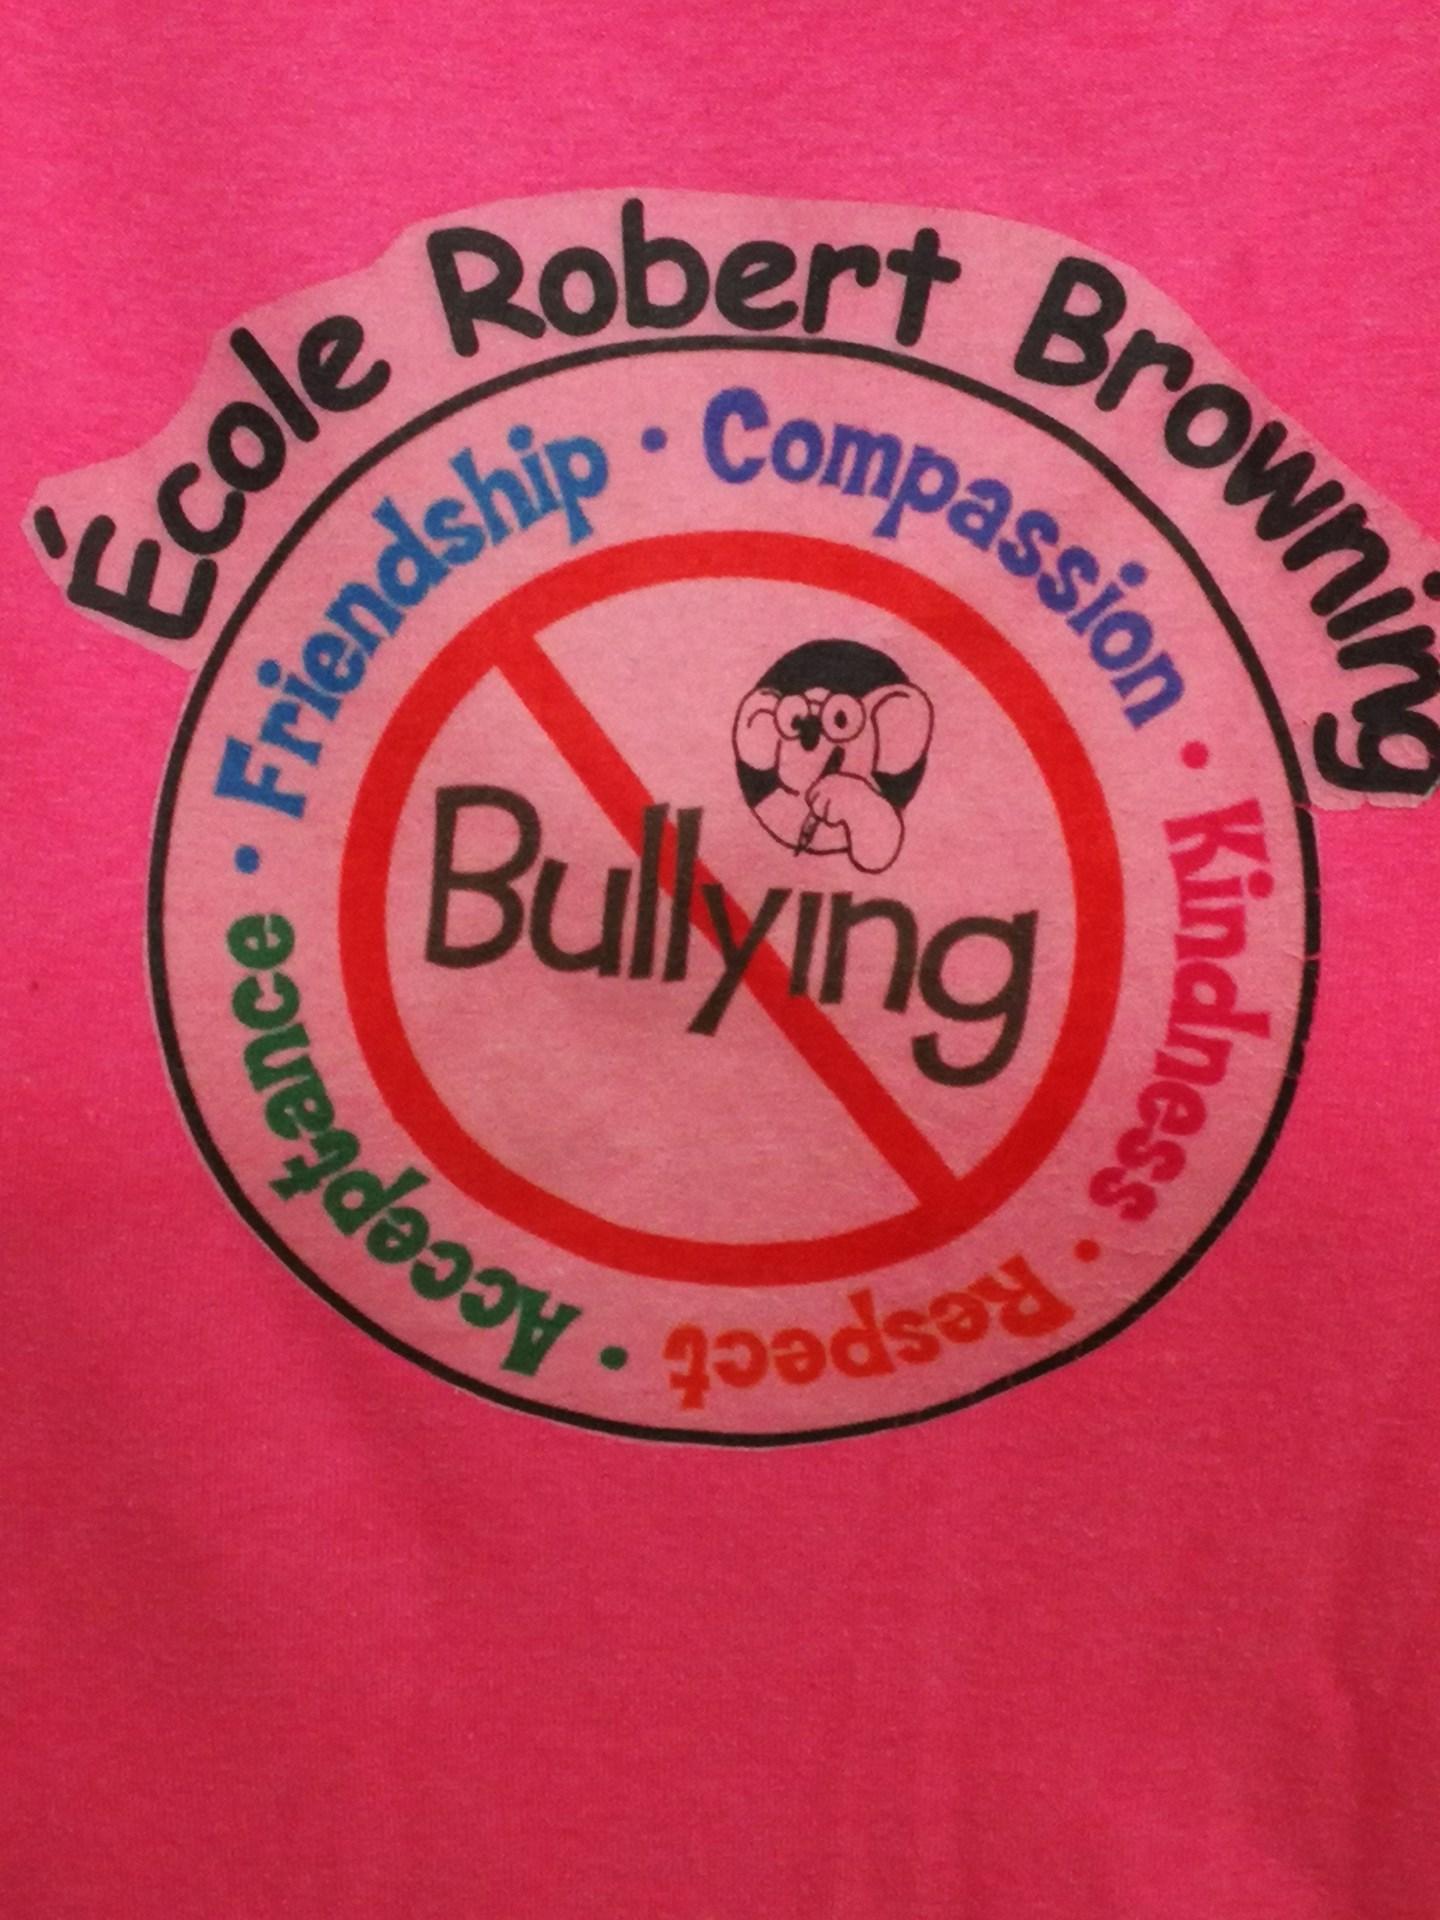 Bully shirt.jpg